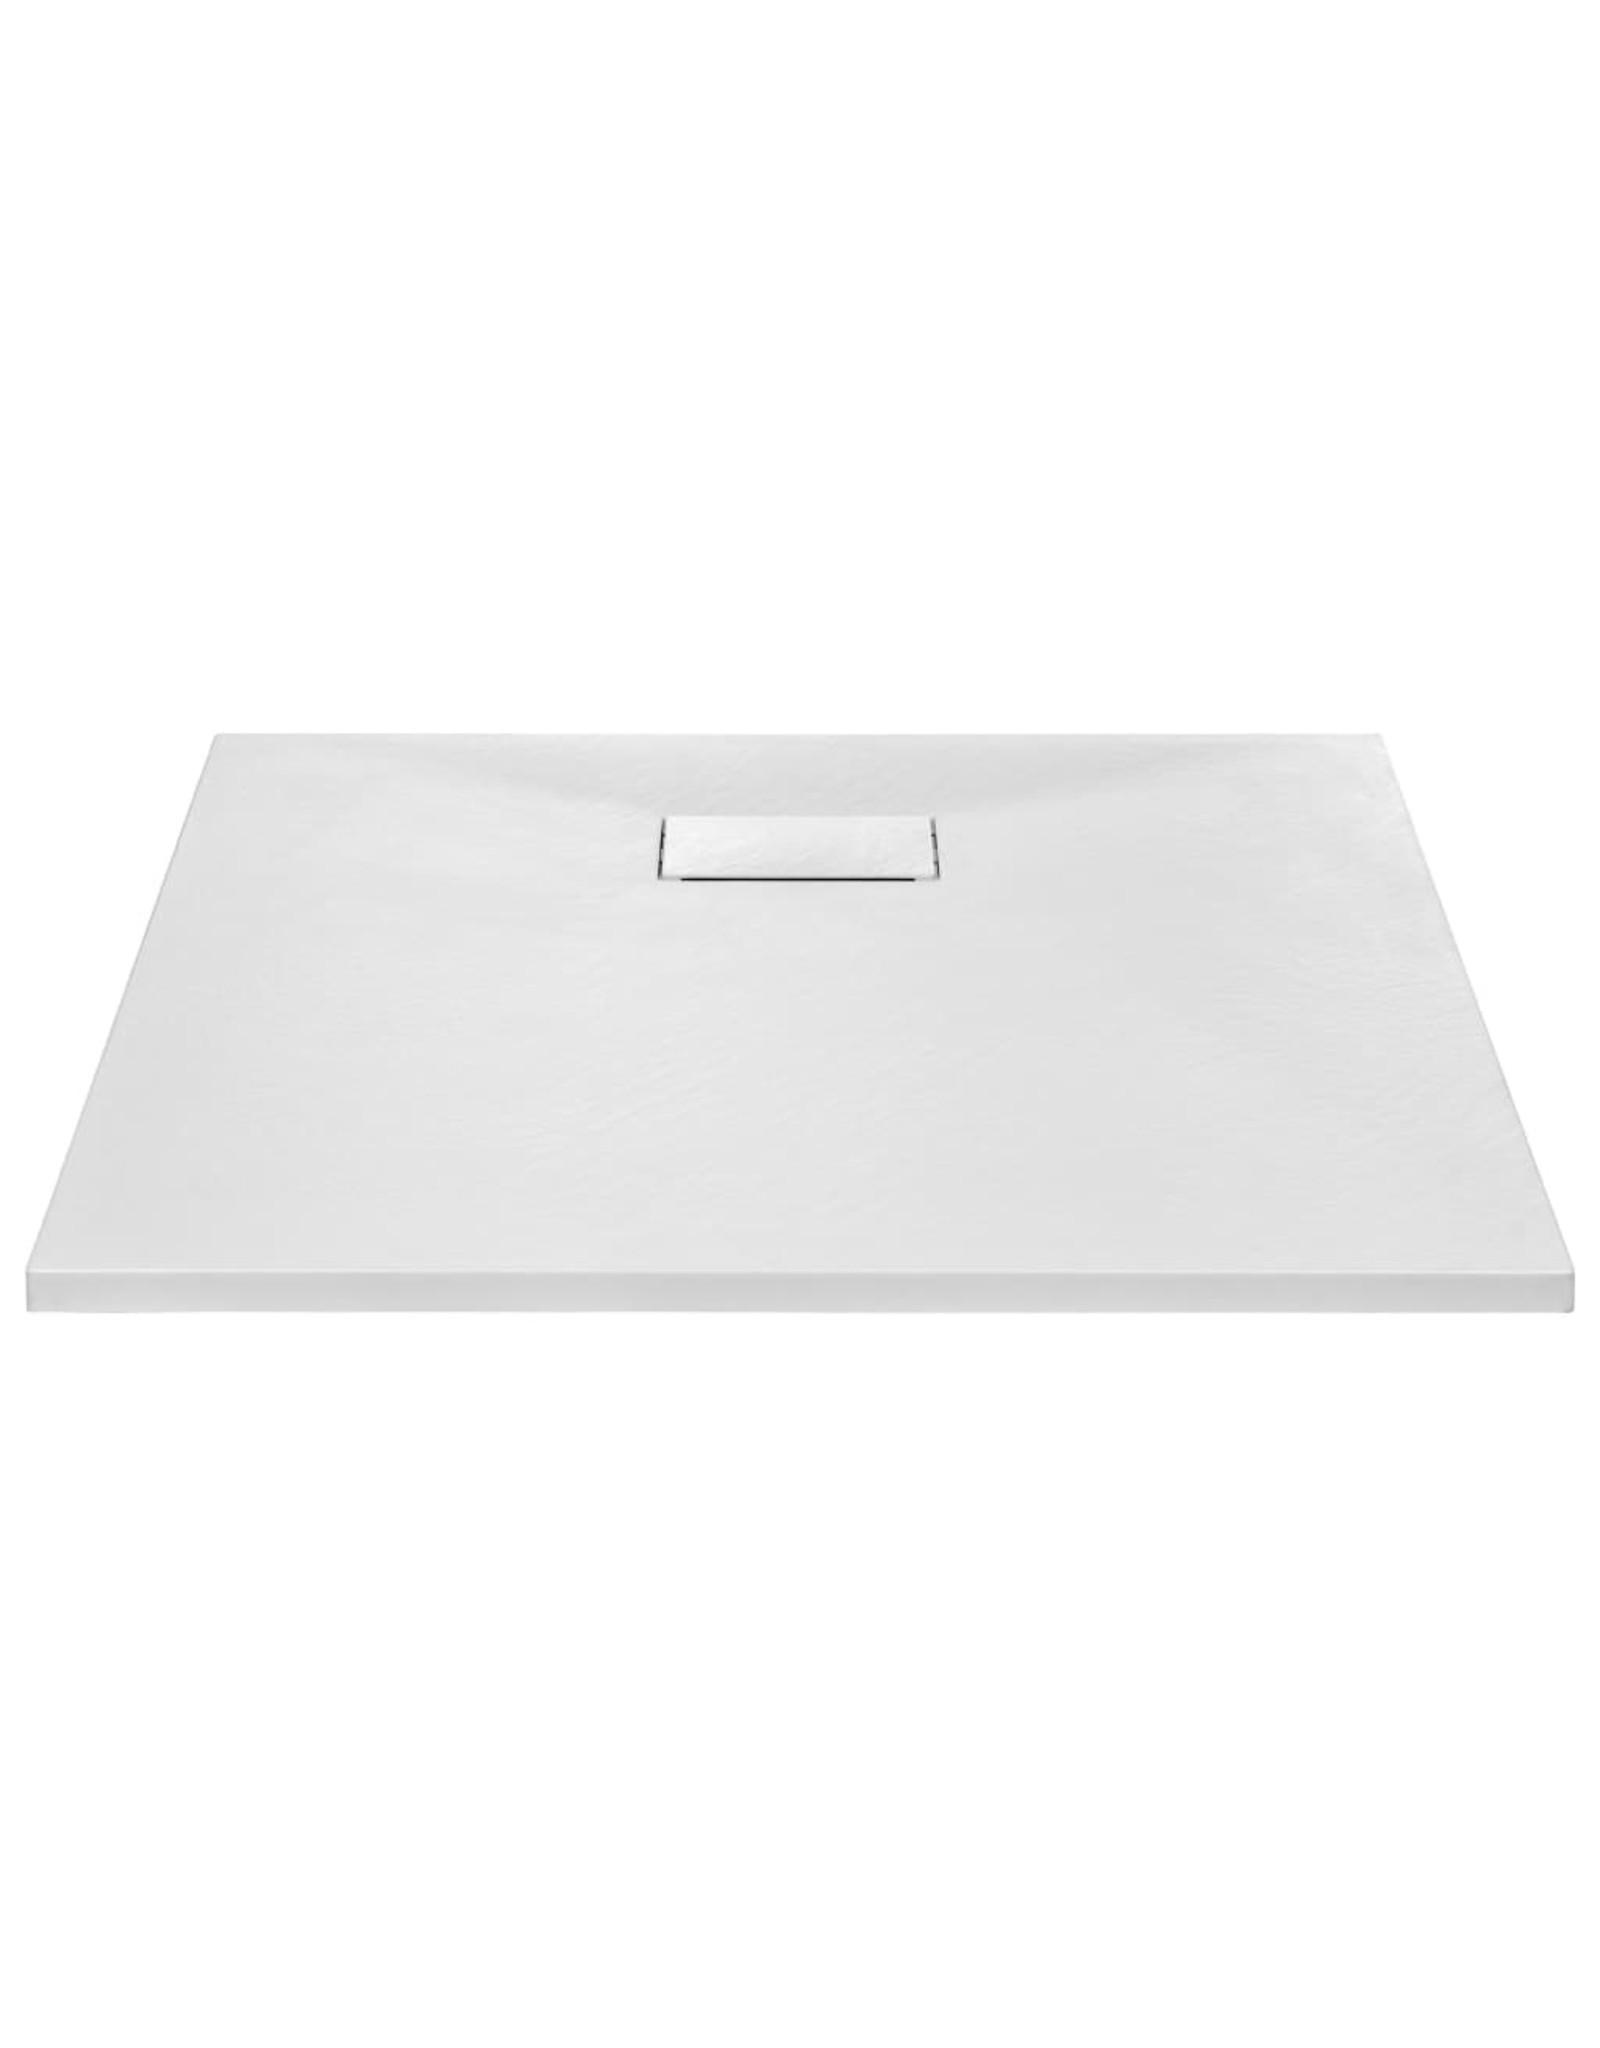 Douchebak 80x80 cm SMC wit